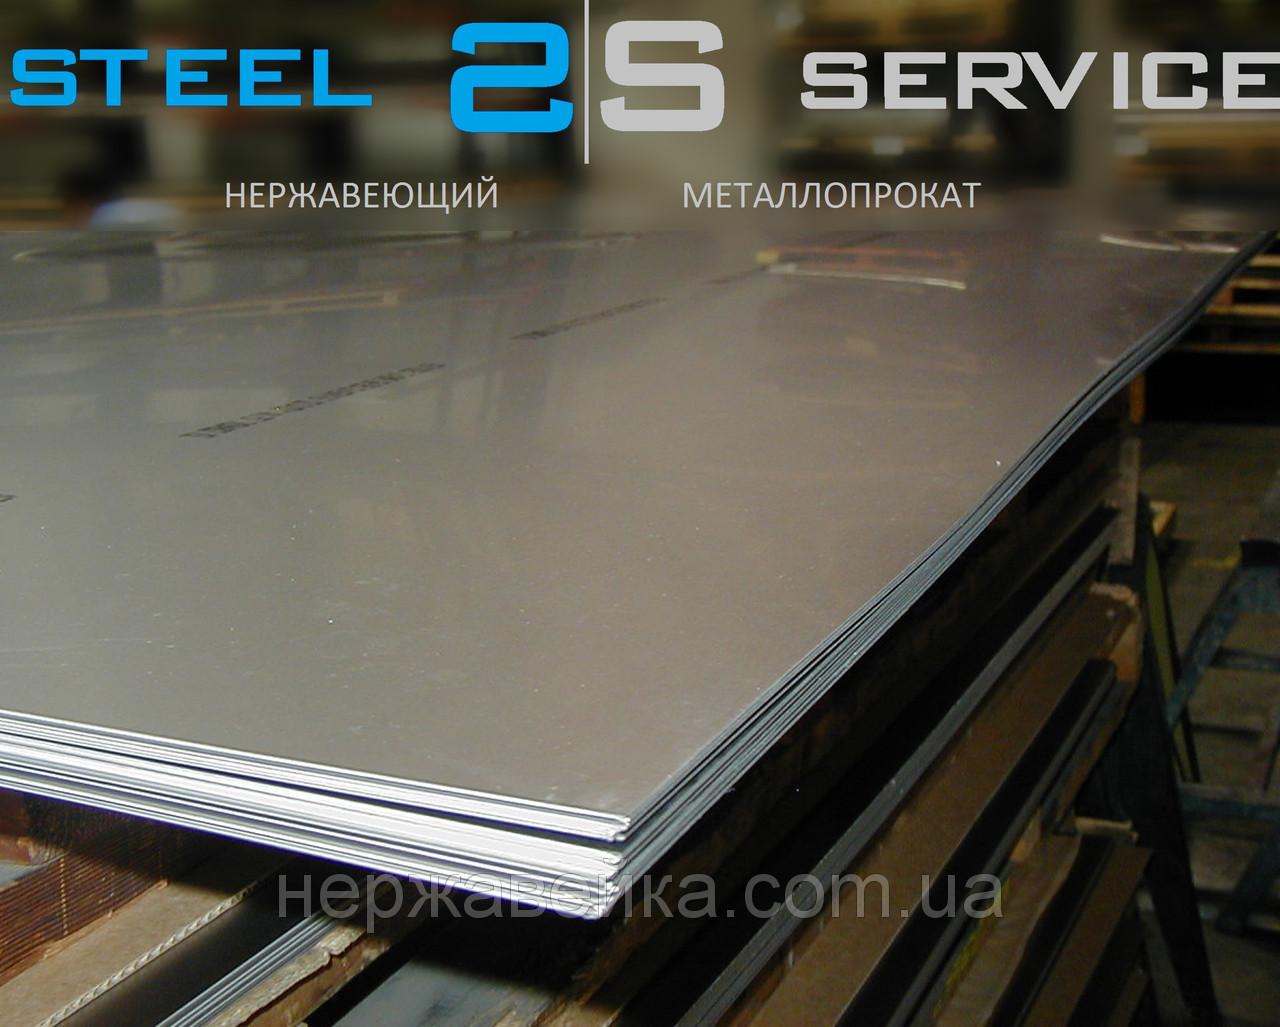 Нержавеющий лист 2х1250х2500мм  AISI 304(08Х18Н10) BA - зеркало,  пищевой